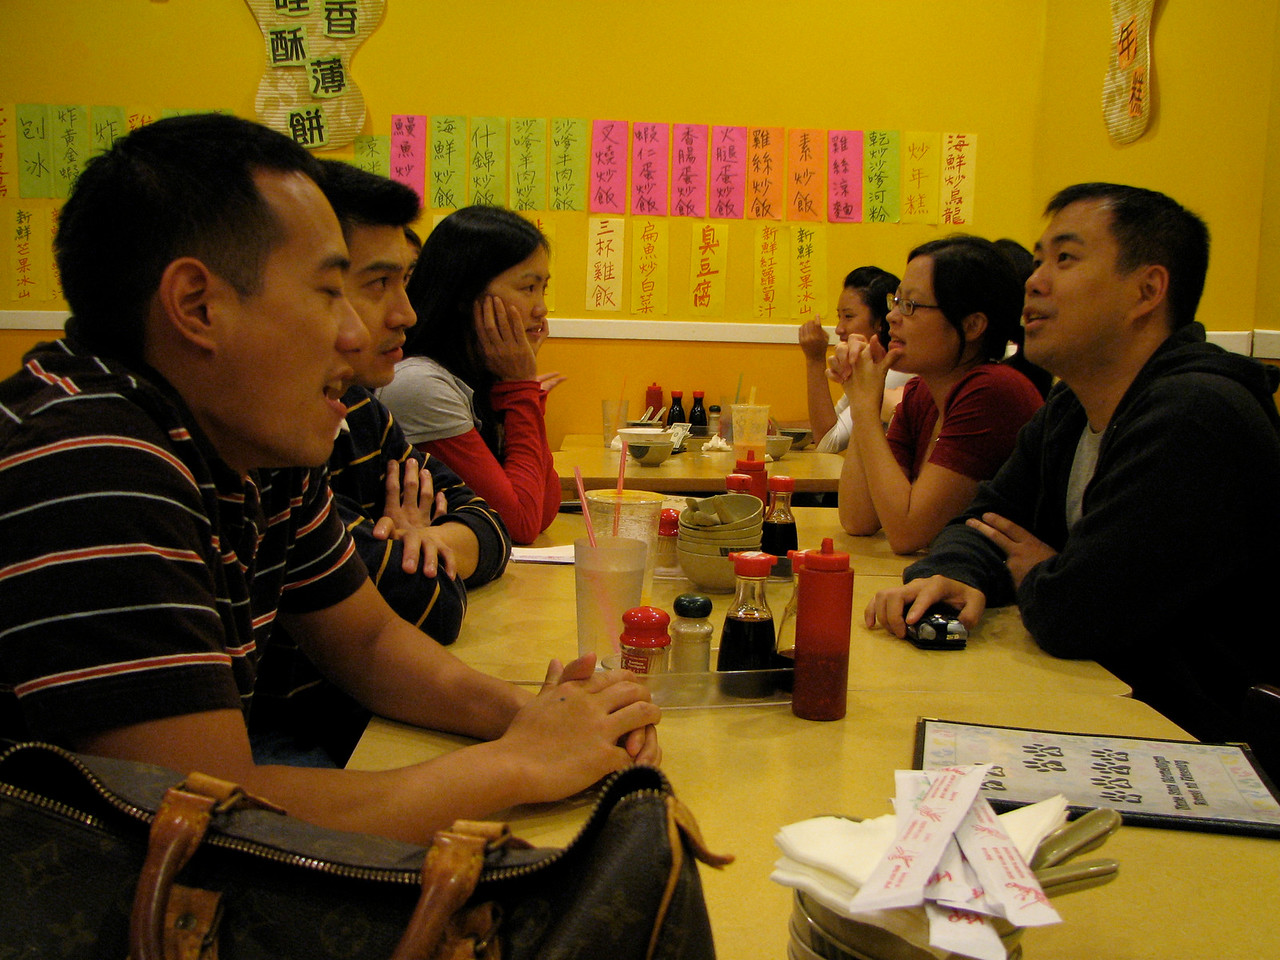 2006 10 29 Sun - Jimmy Chen, Yu-Tsun Cheng, Bernice Chen, and Cathy & Harry Huang 2